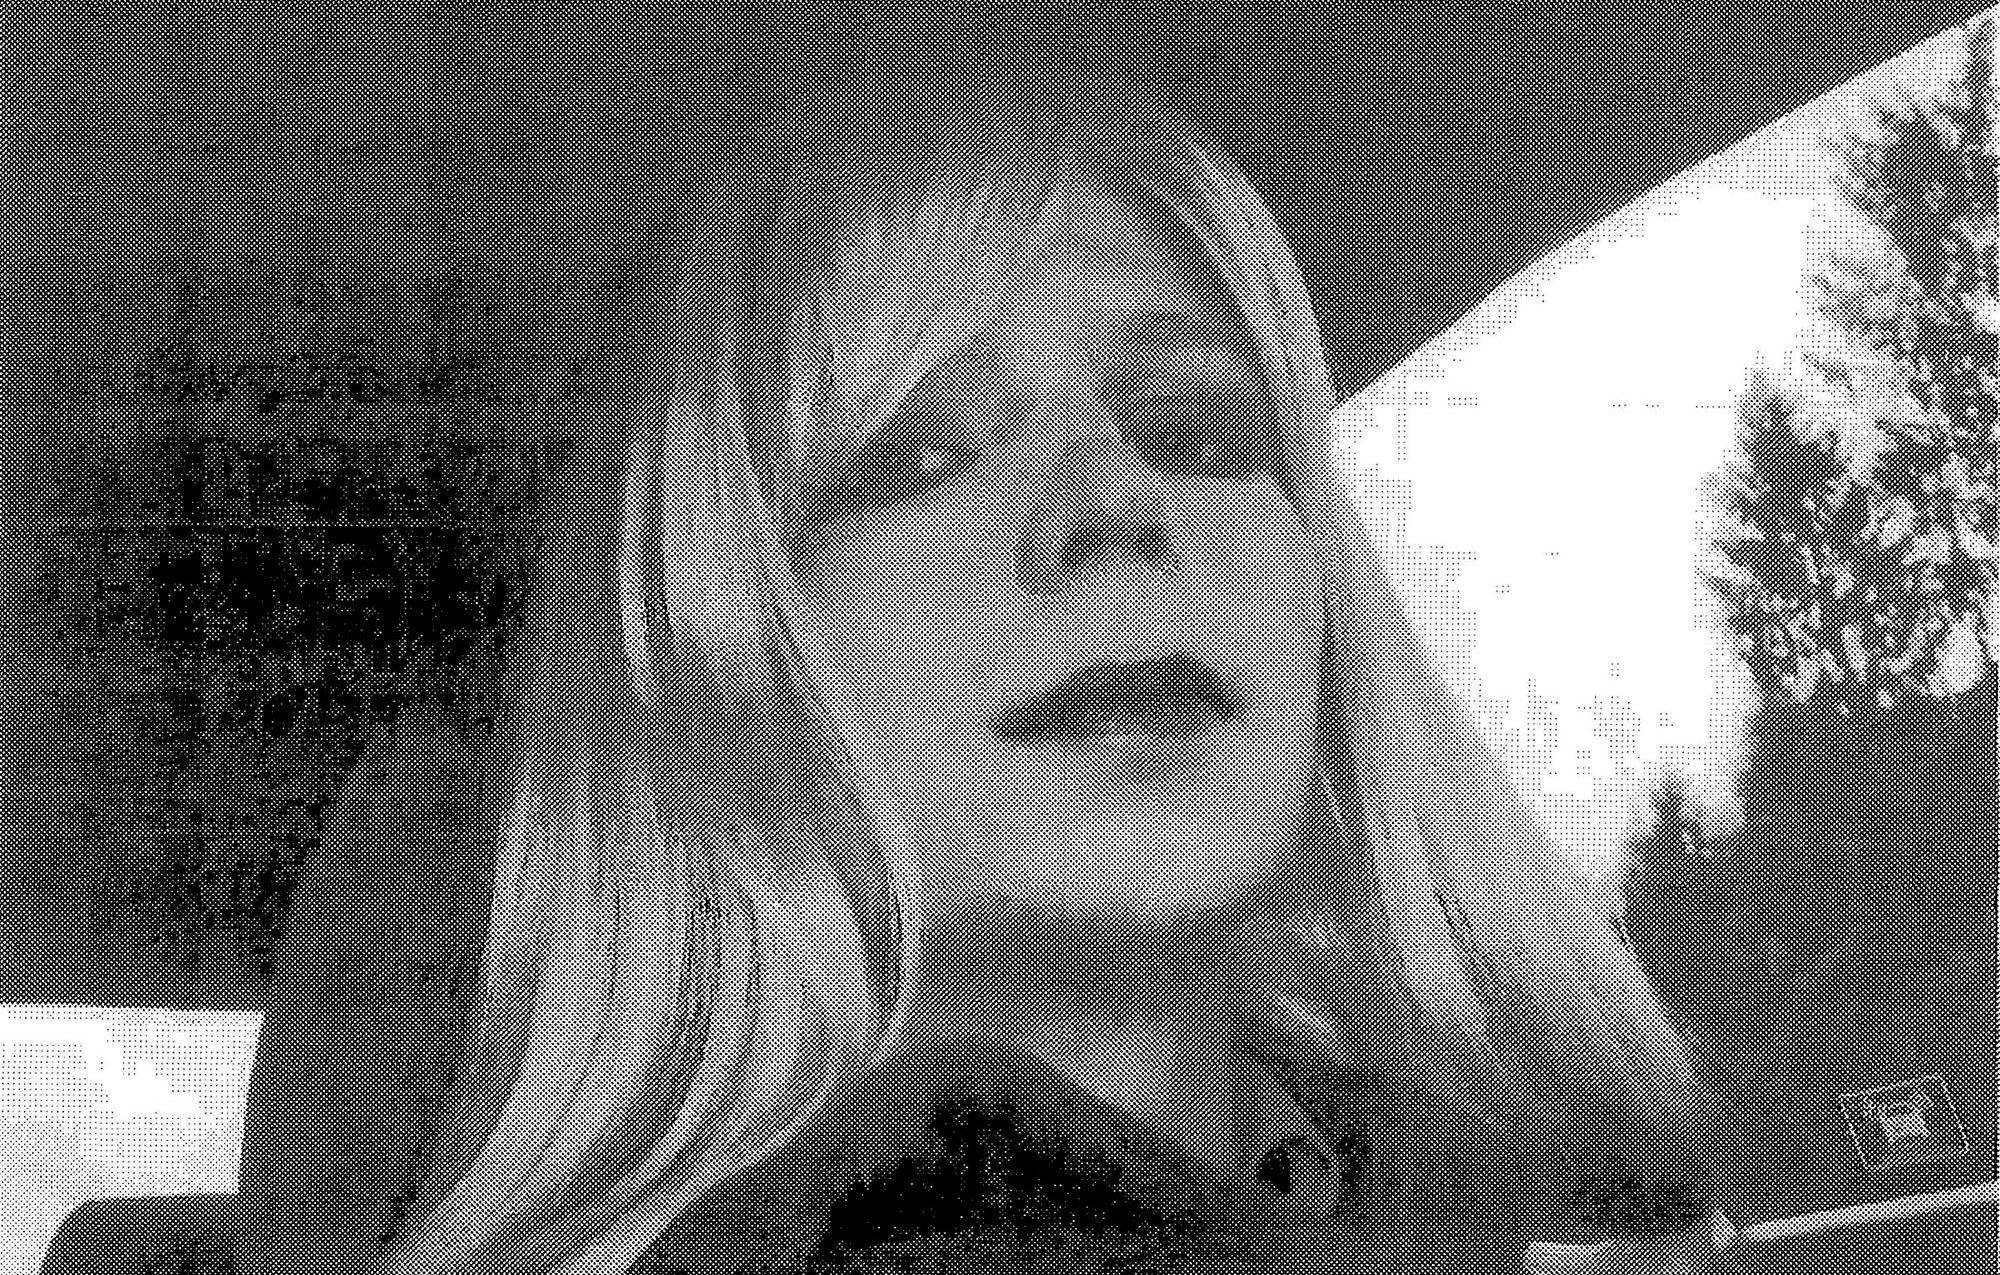 Il tentato suicidio di Chelsea Manning è stato confermato